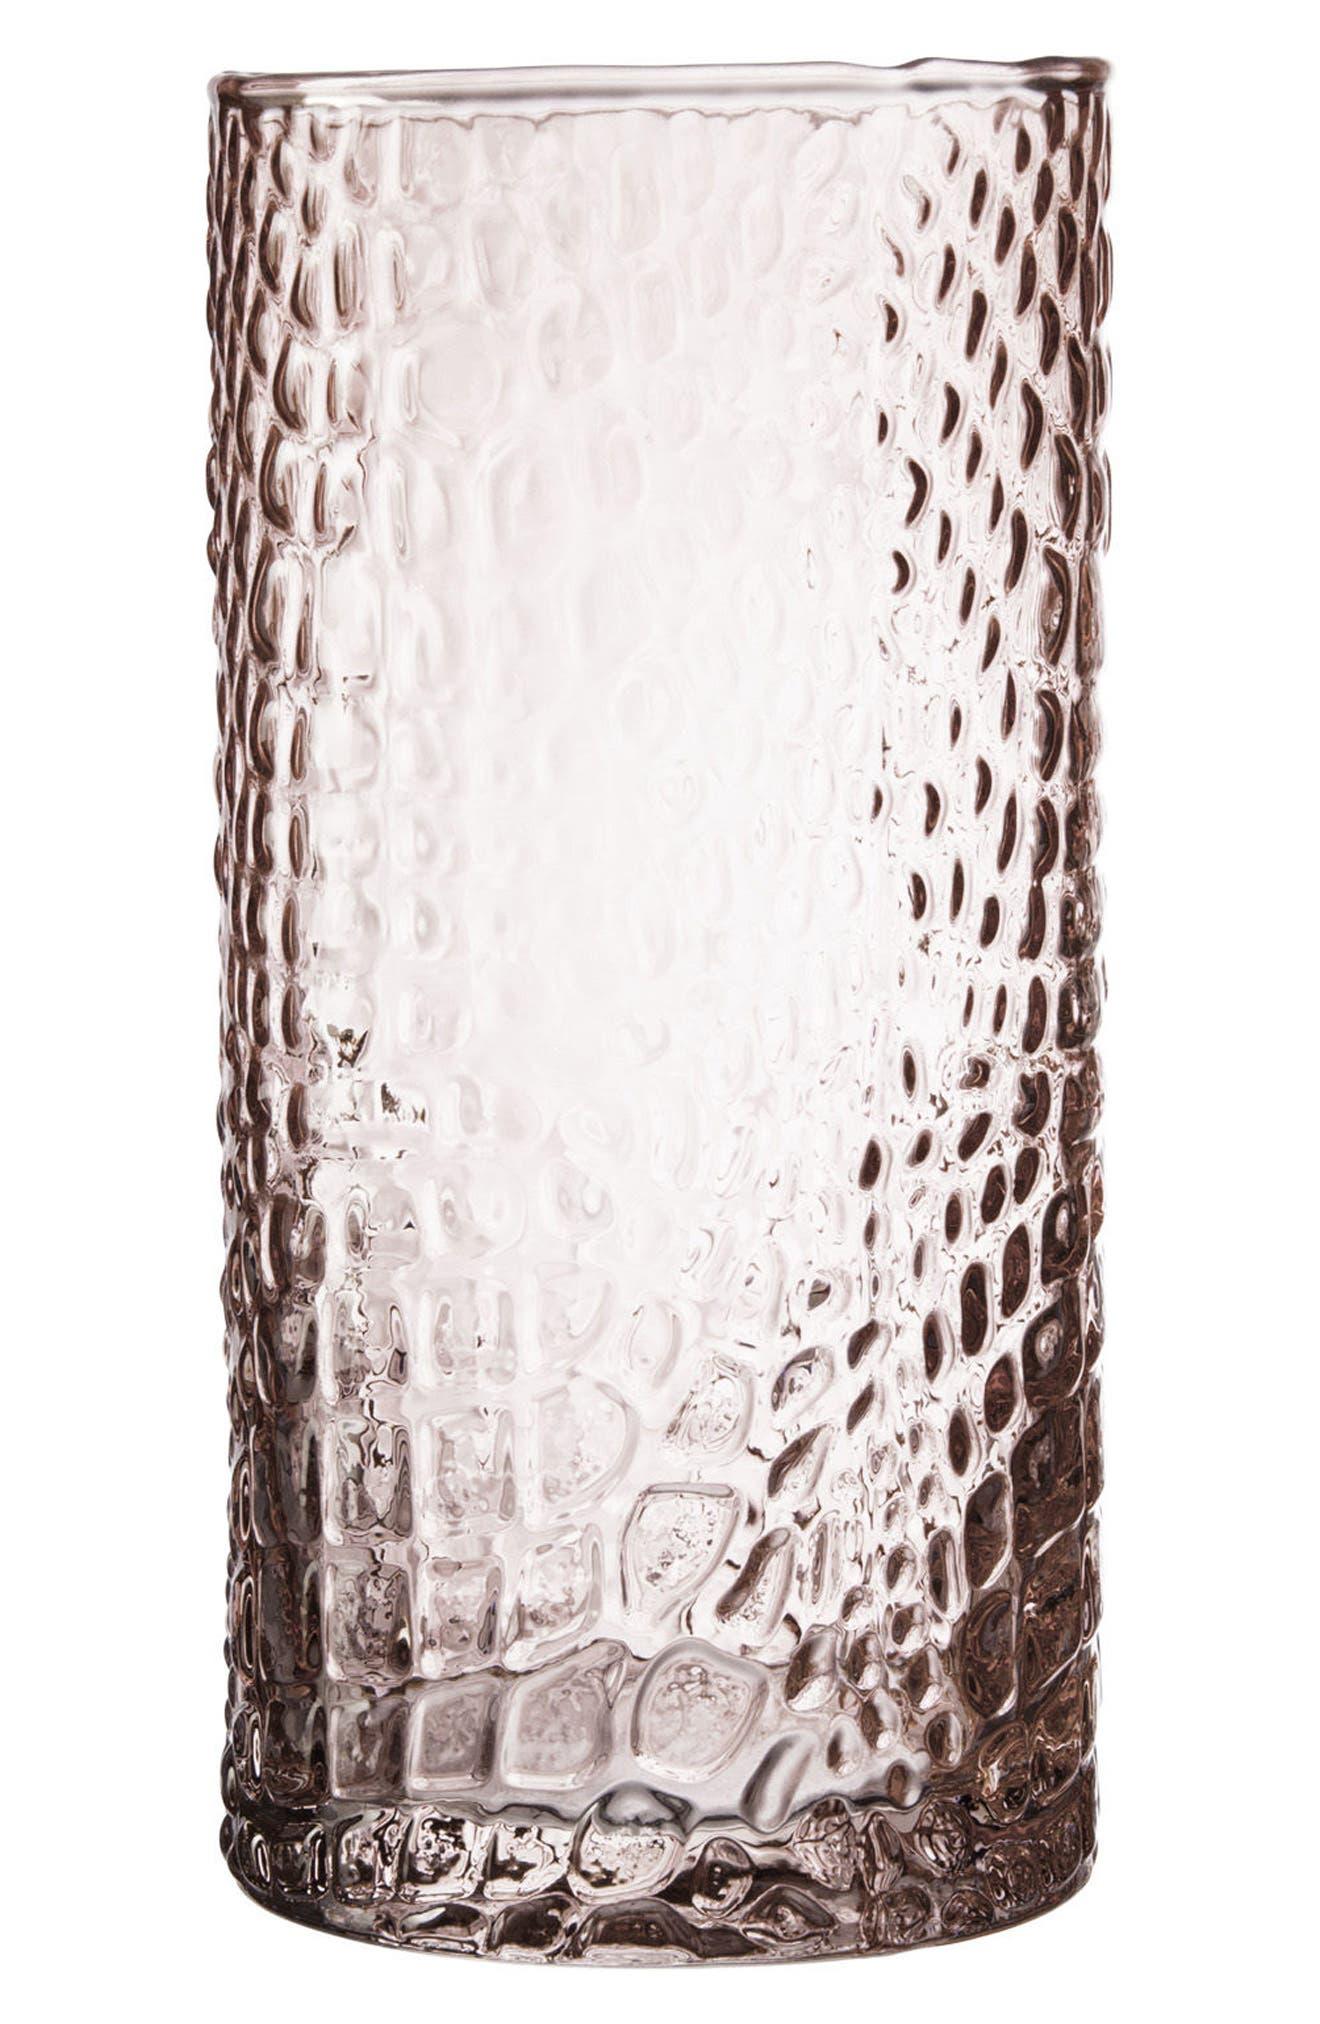 Bistro Crocodile Set of 4 Highball Glasses,                             Main thumbnail 1, color,                             650